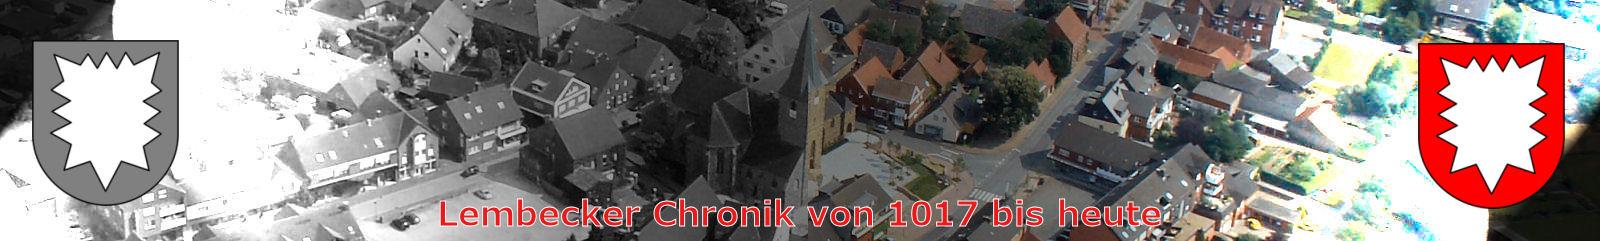 Chronik, Lembecker Geschichte, Geschichtstafel